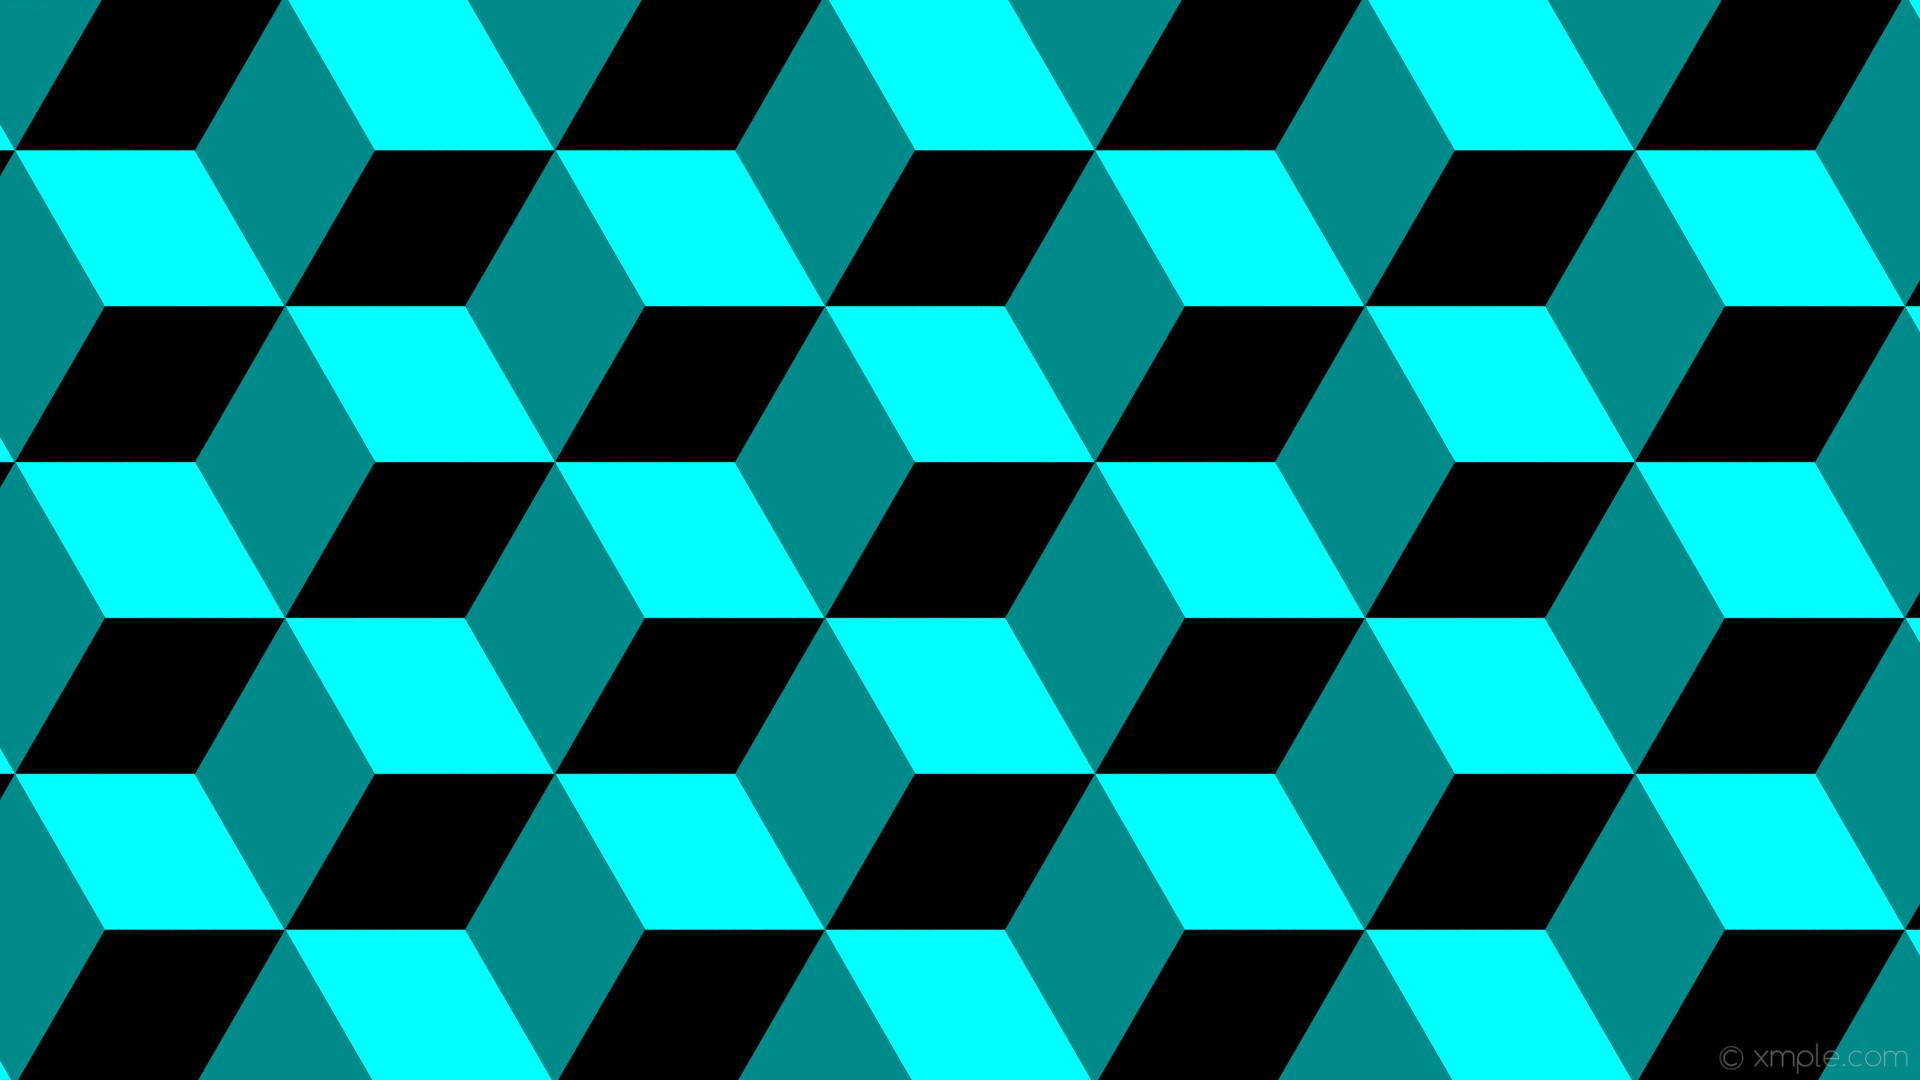 Res: 1920x1080, wallpaper green blue 3d cubes black aqua cyan dark cyan #000000 #00ffff  #008b8b